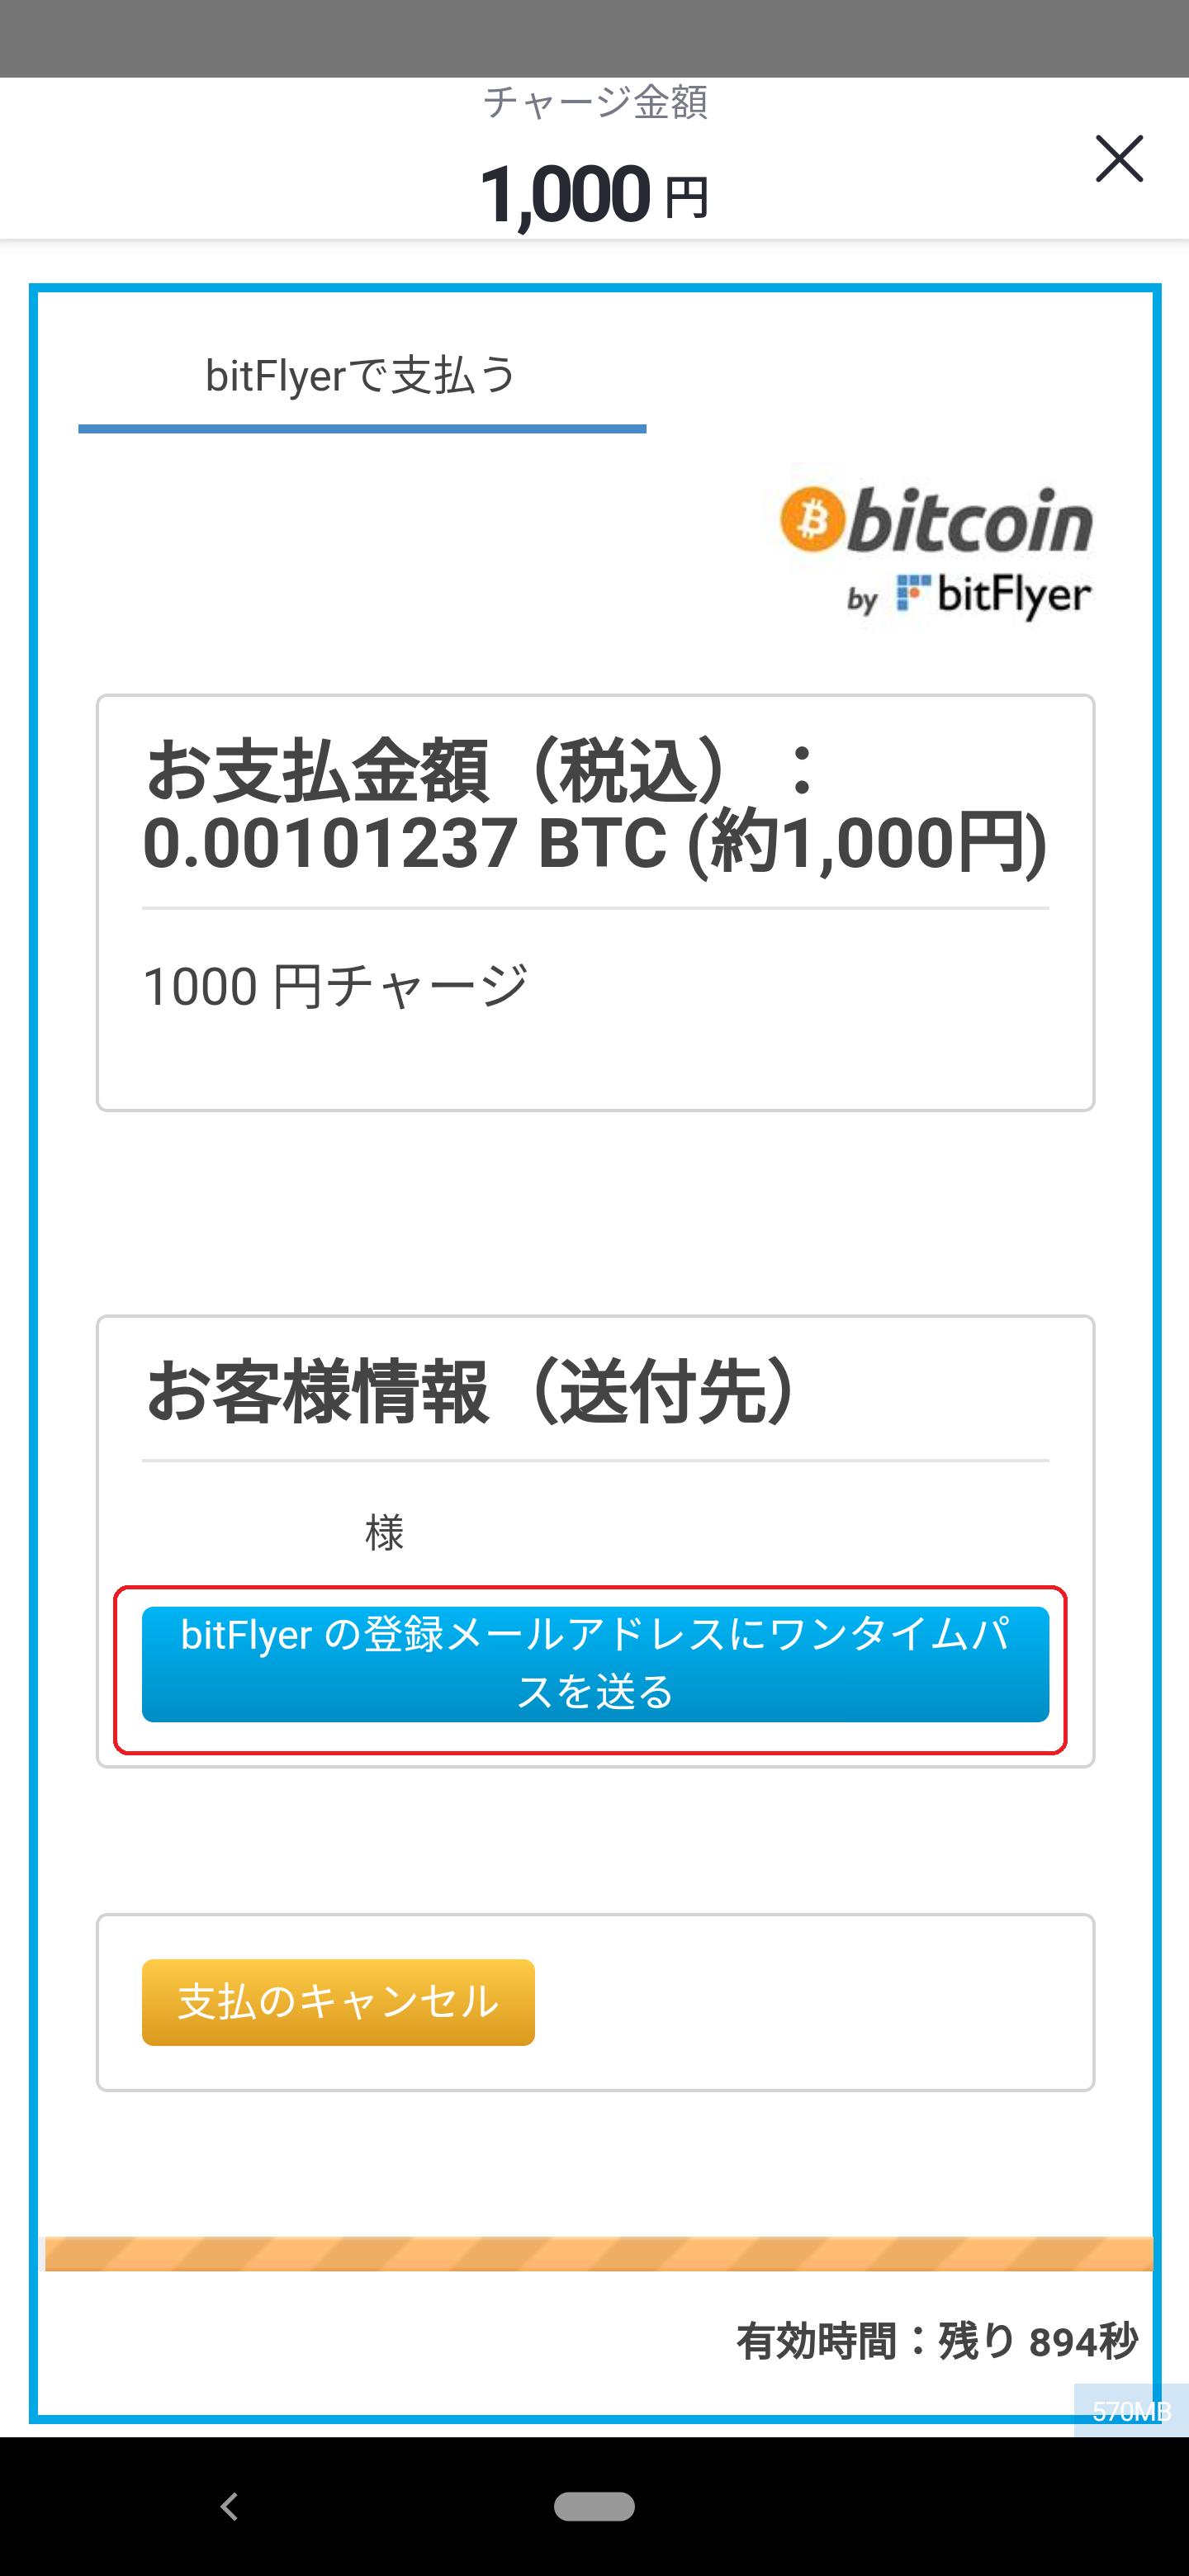 ビットフライヤー ビットコイン金額